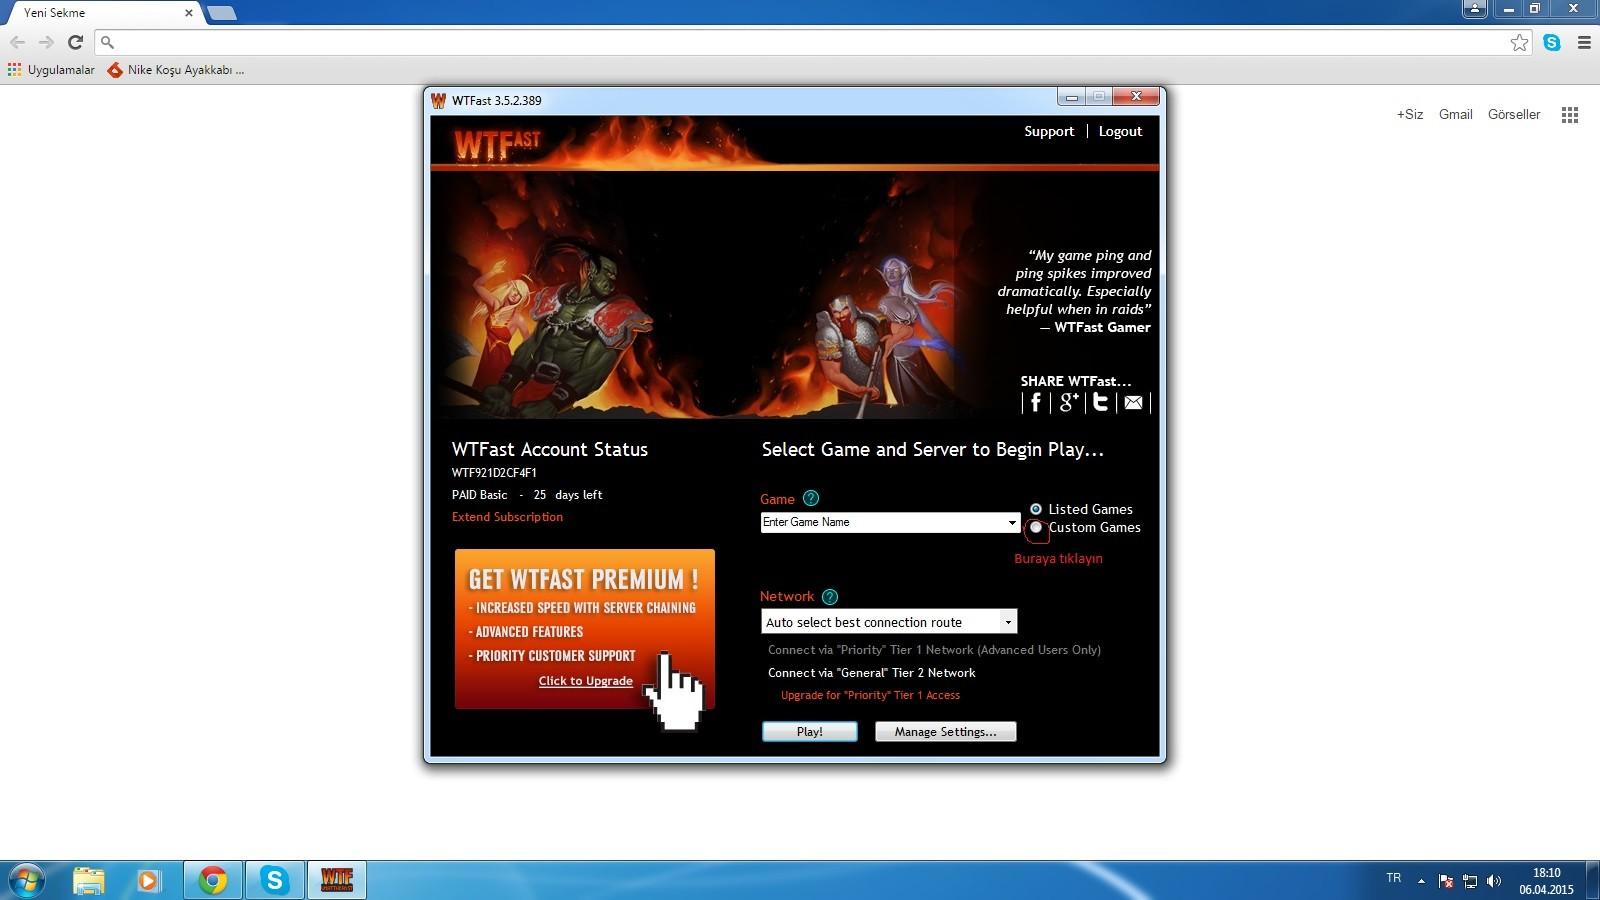 Çin Knight Online Rehberi / Üyelik / İndir / Wtfast [RESİMLİ]